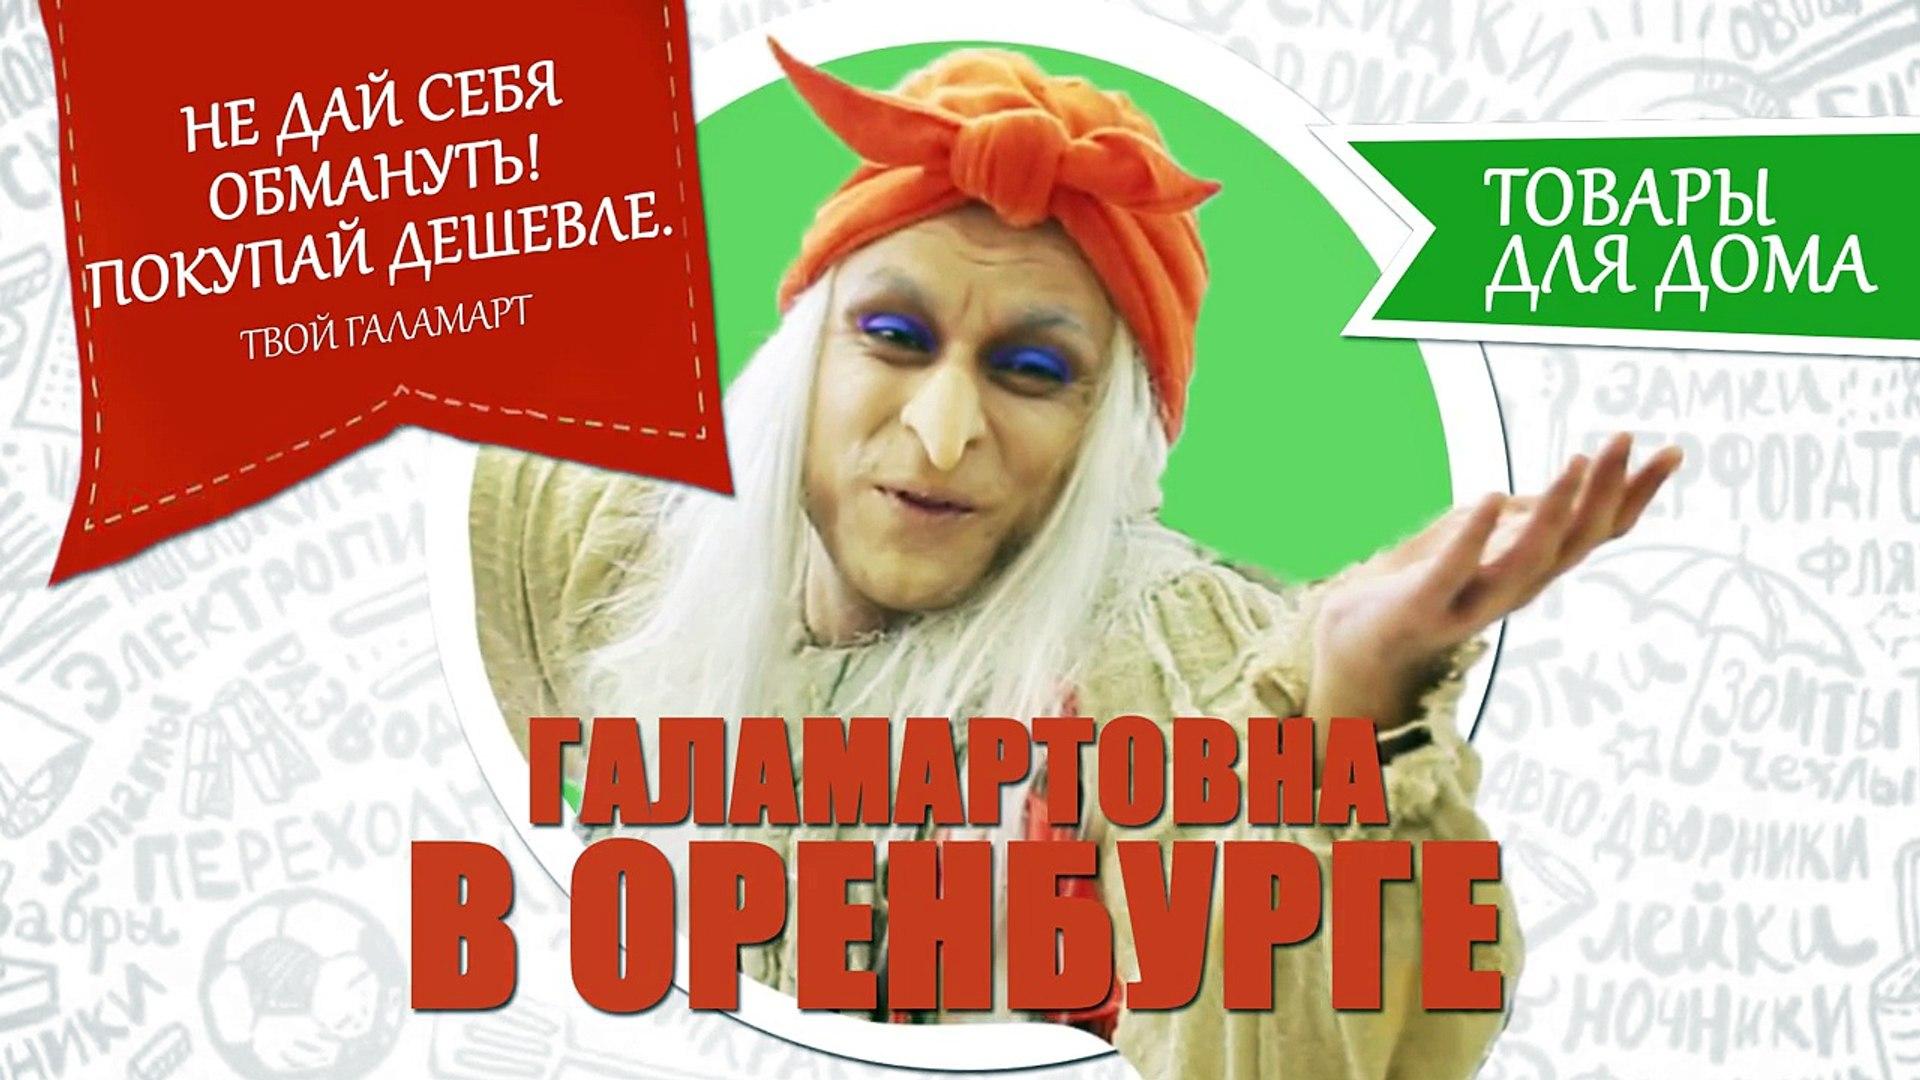 Гастроли Галамартовны (13) в г. Оренбург (25 июля 2015 г.)